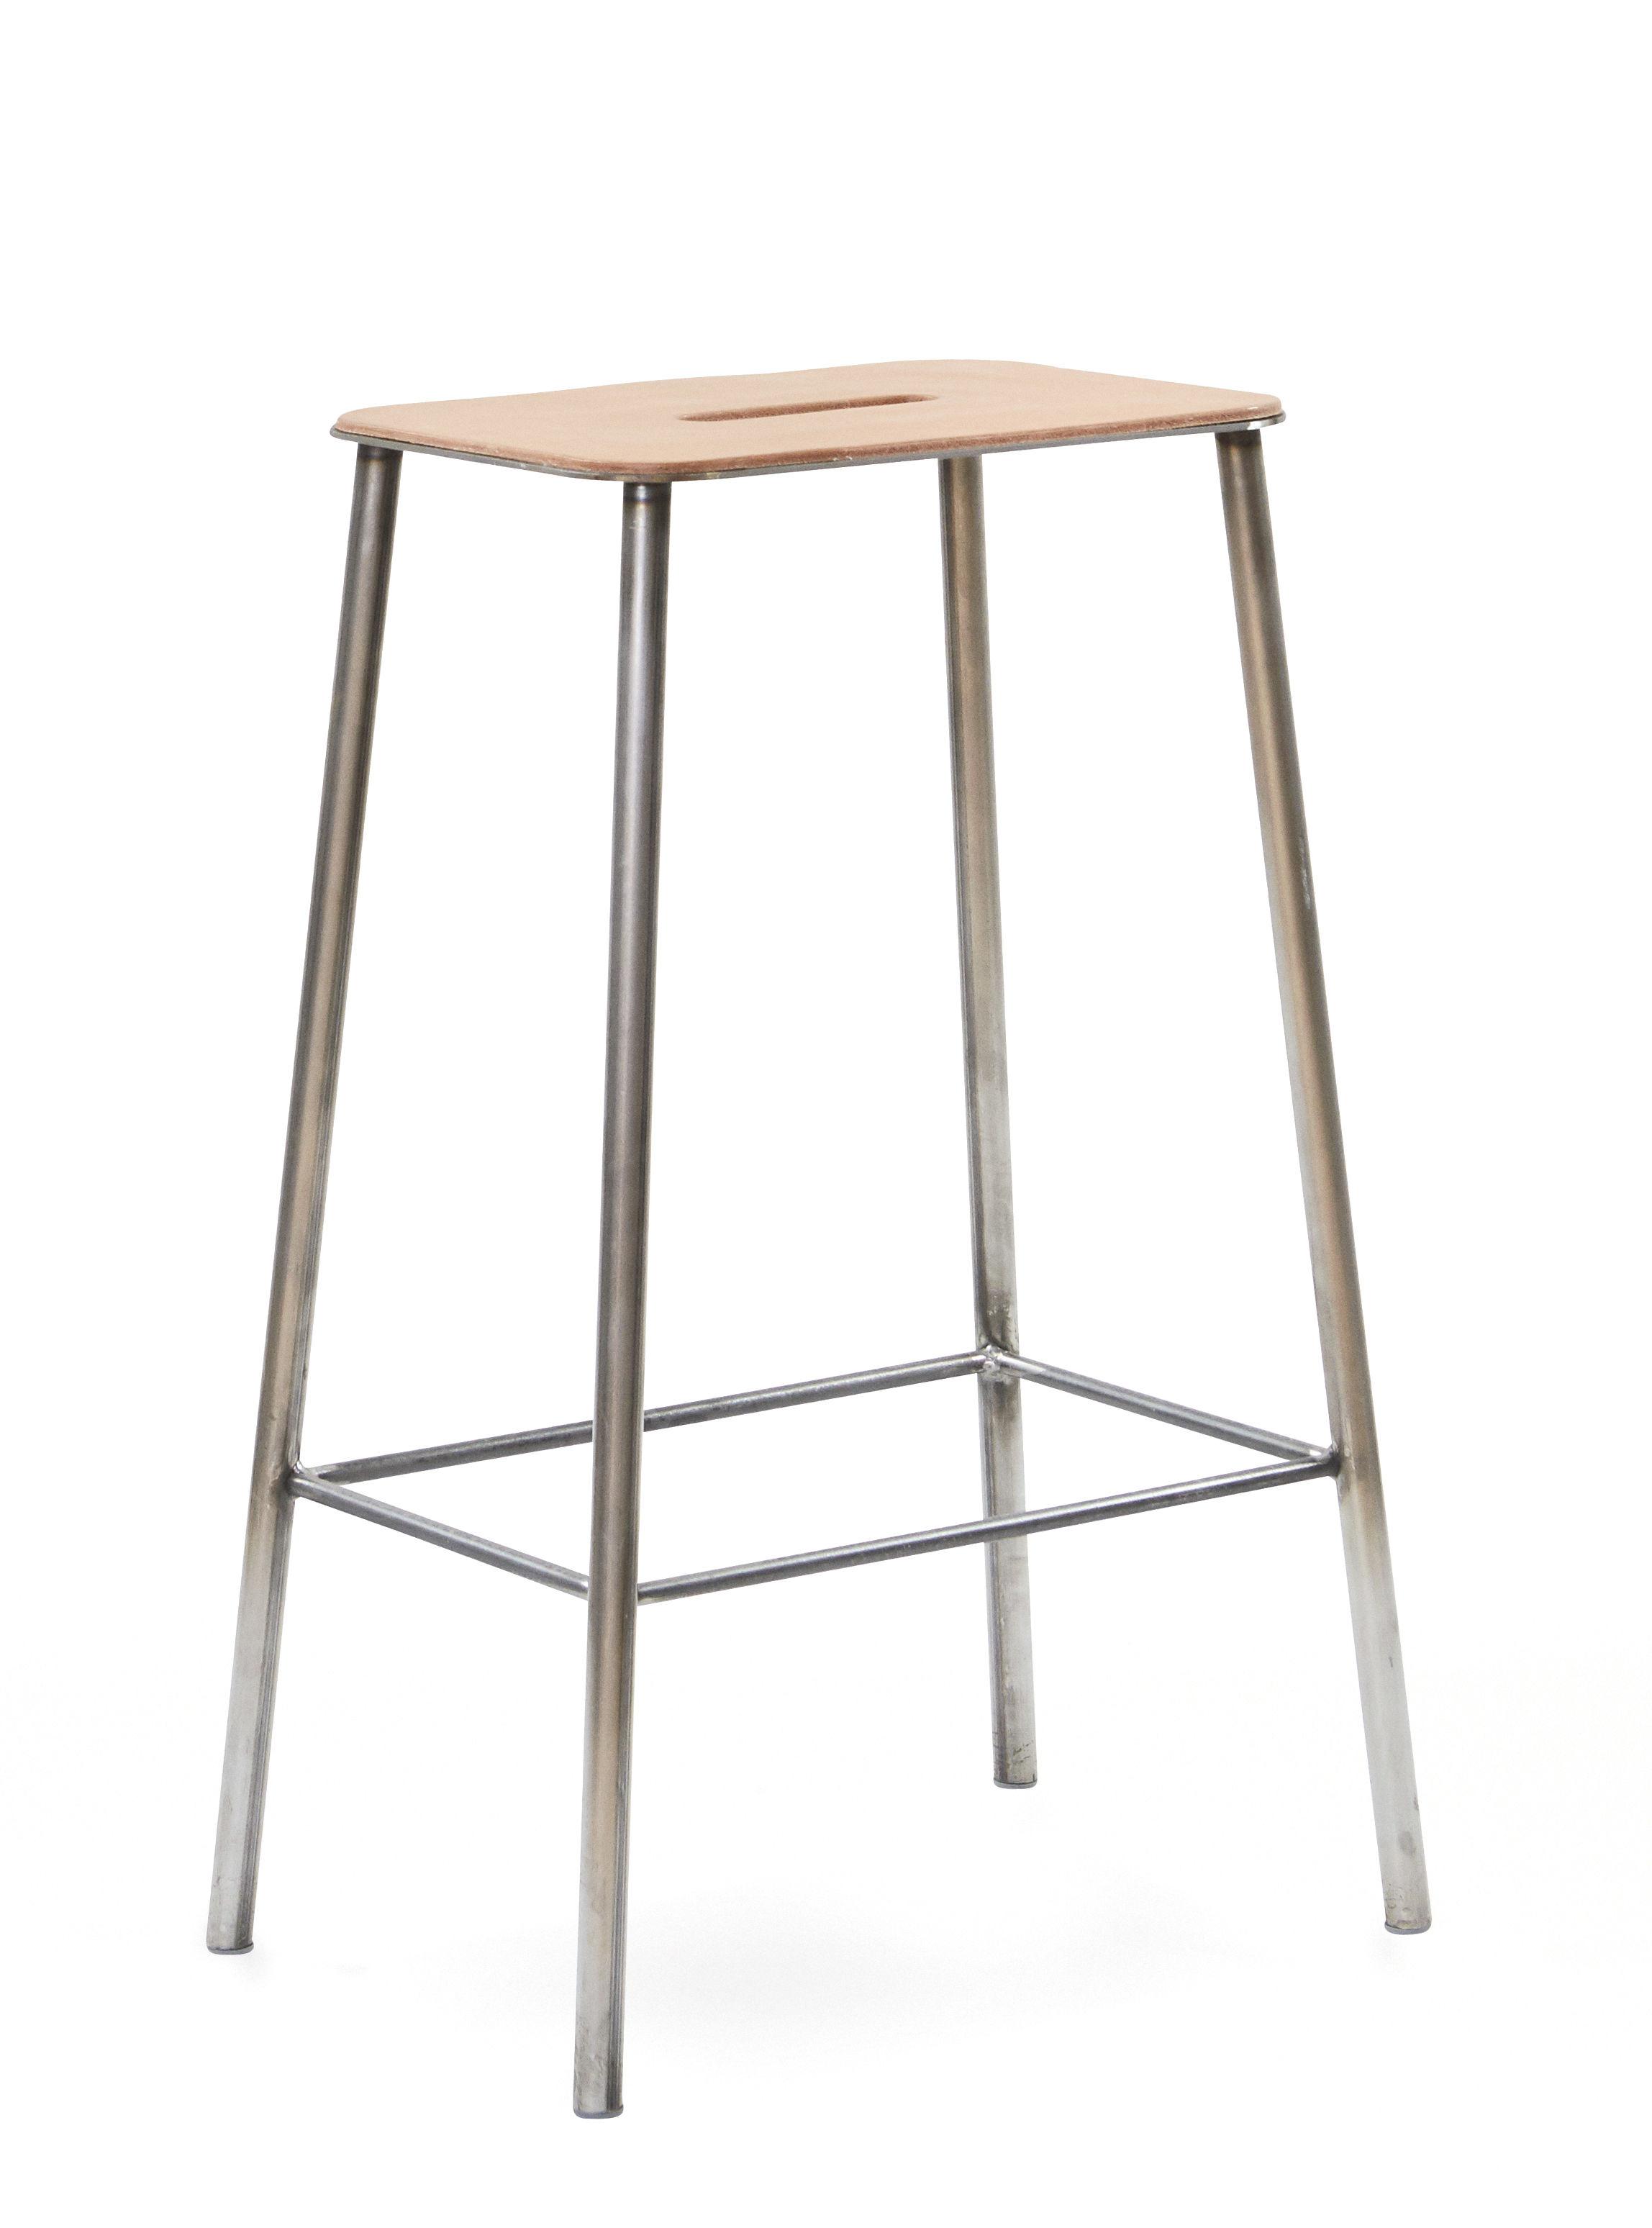 Mobilier - Tabourets de bar - Tabouret  haut Adam Cuir / H 65 cm - Indoor - Frama  - H 65 cm / Cuir beige & acier - Acier, Cuir